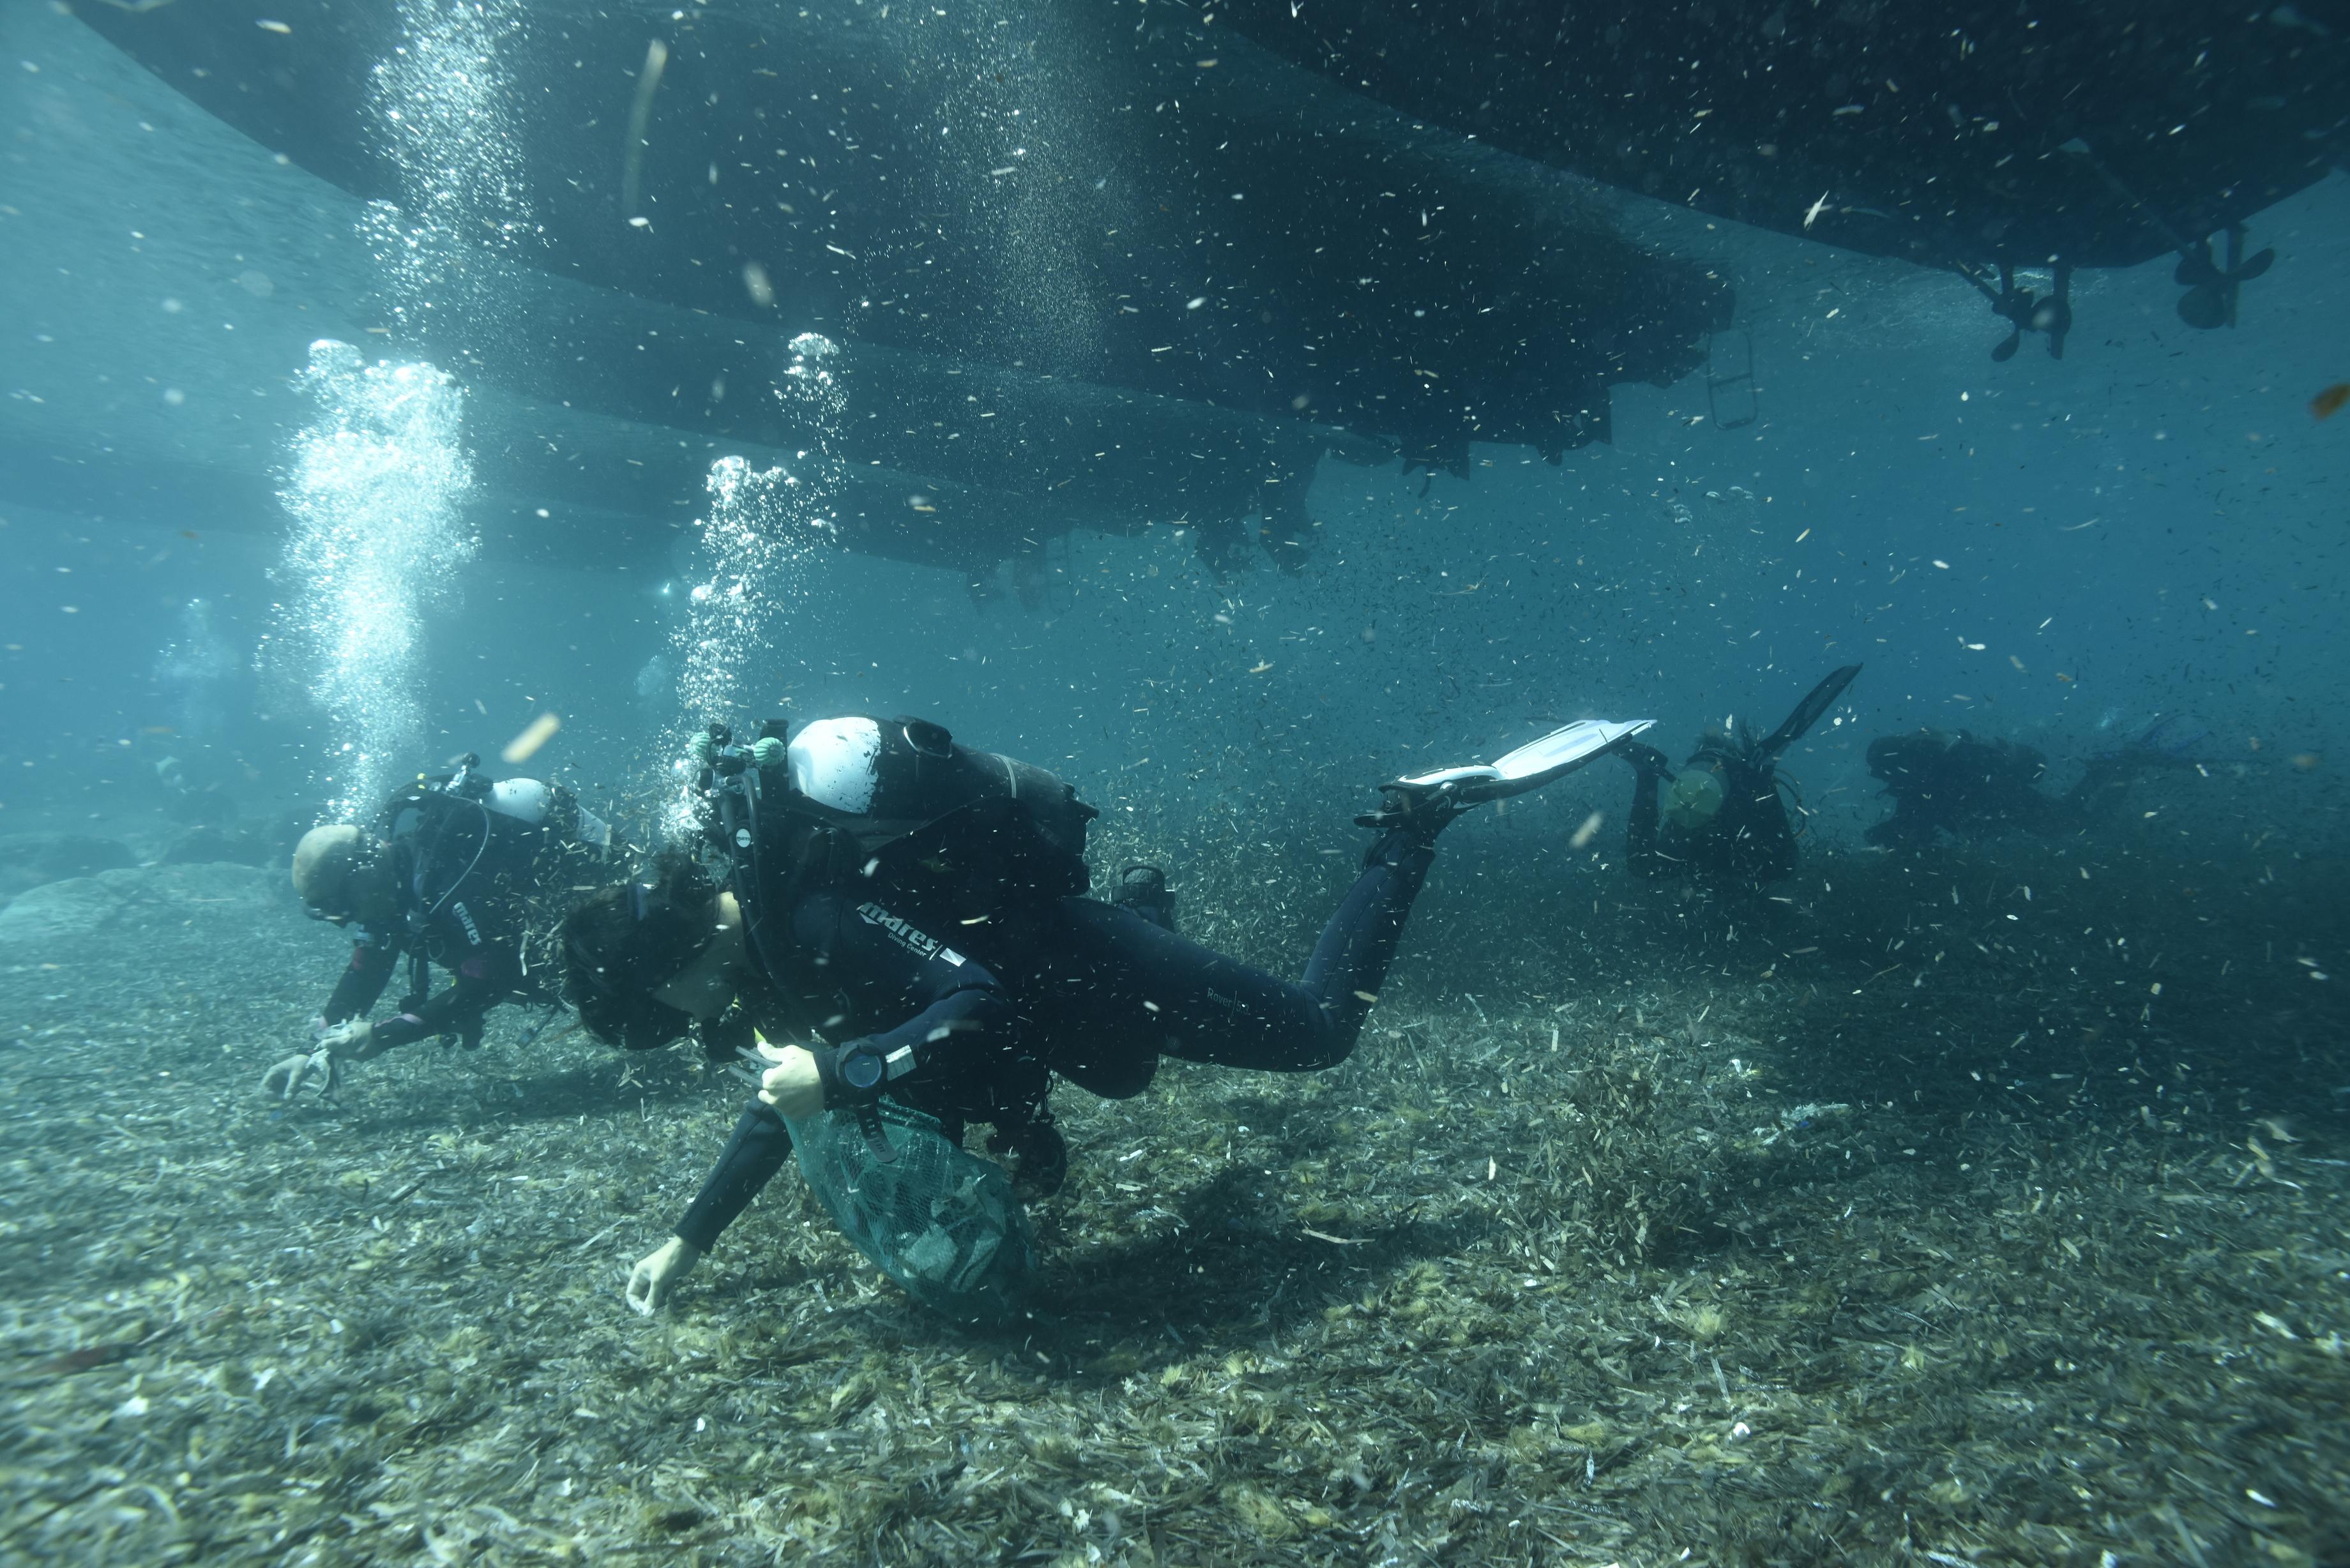 Acque dello Stretto di Messina inquinate, è contaminato il 37 per cento dei  pesci - Gazzetta del Sud